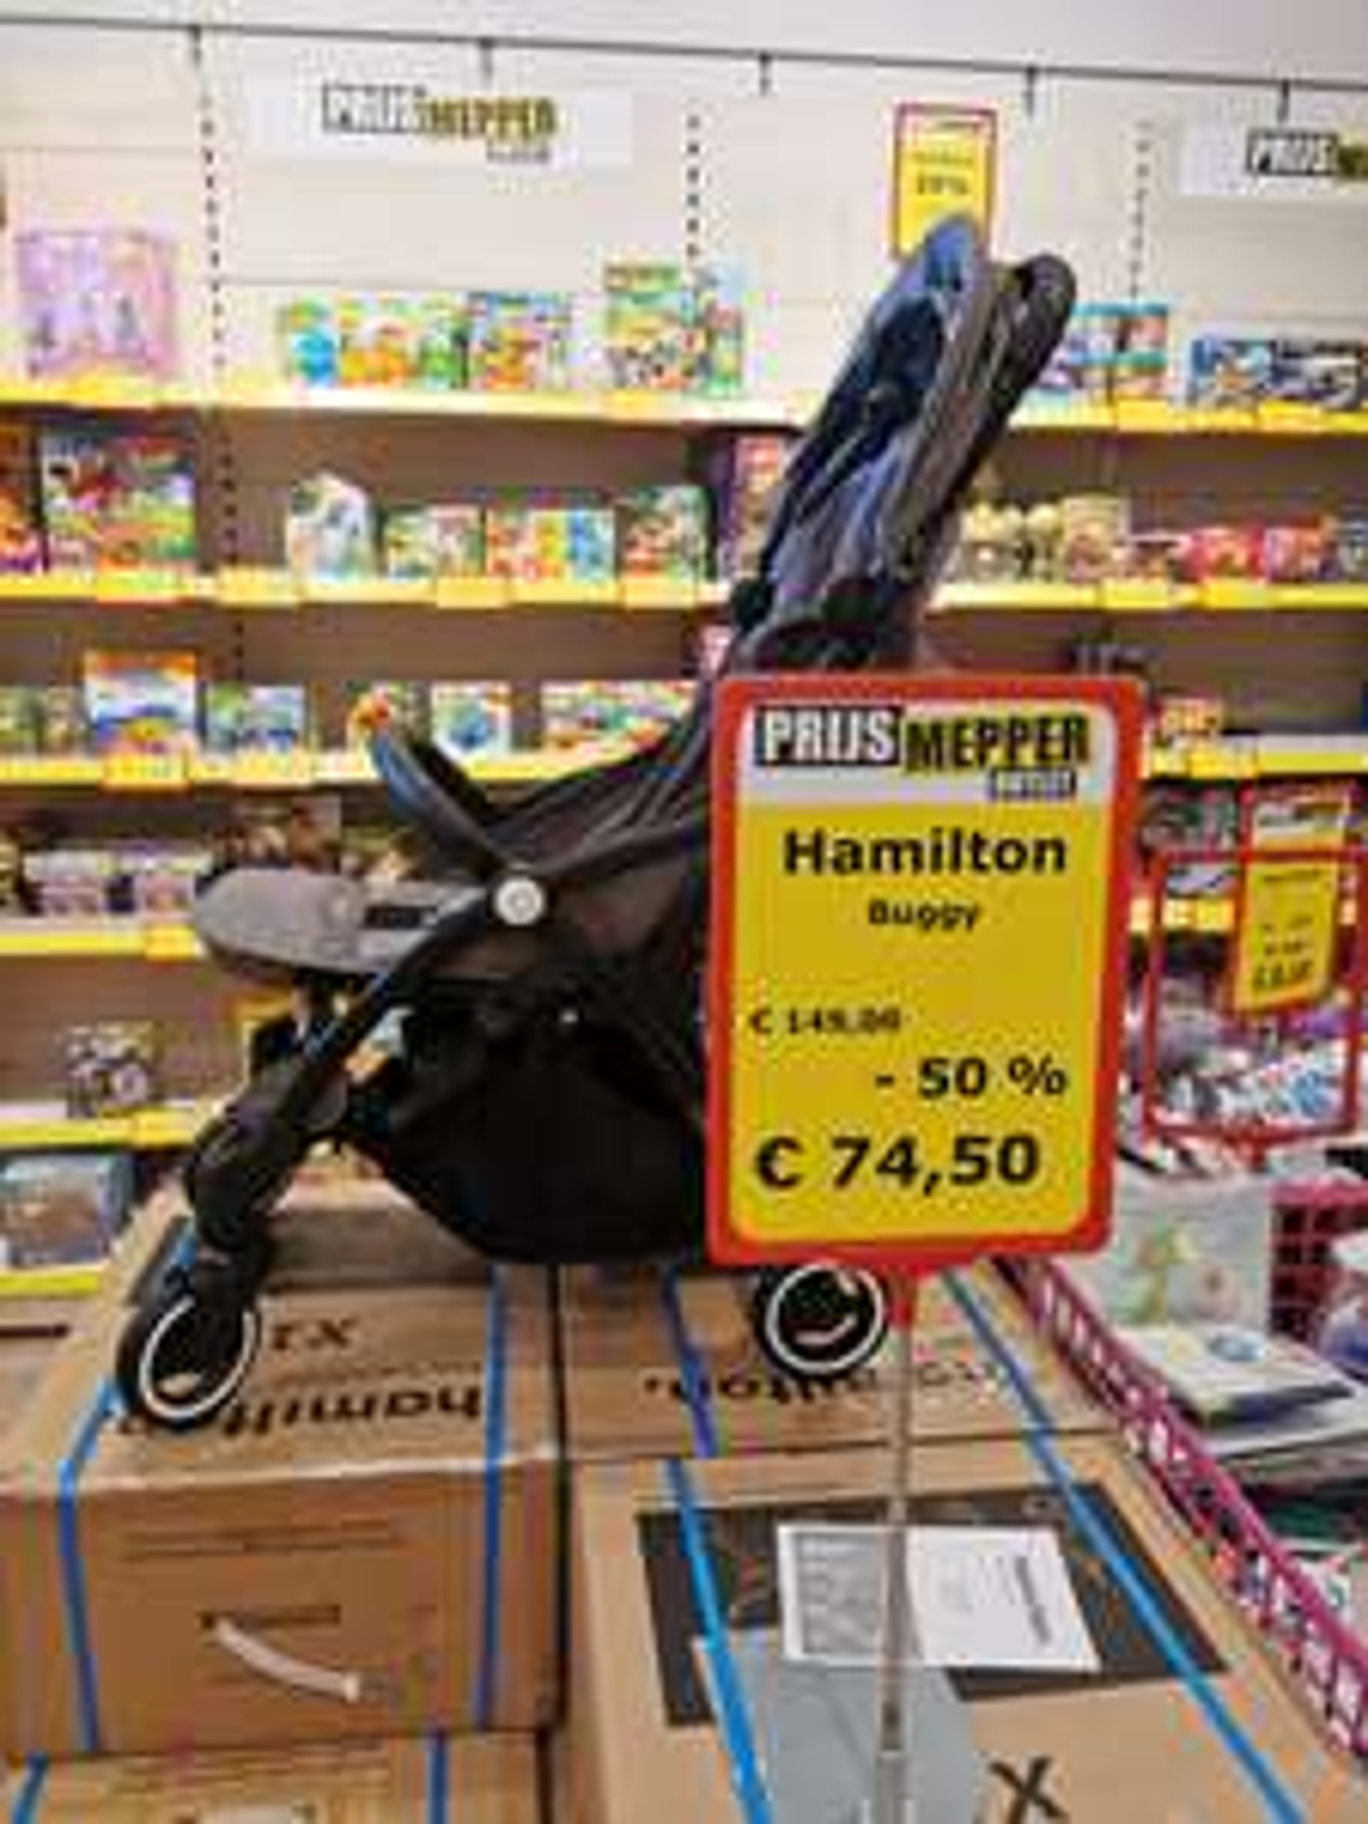 [lokaal] Hamilton buggy - 50% korting bij Prijs Mepper Zoetermeer